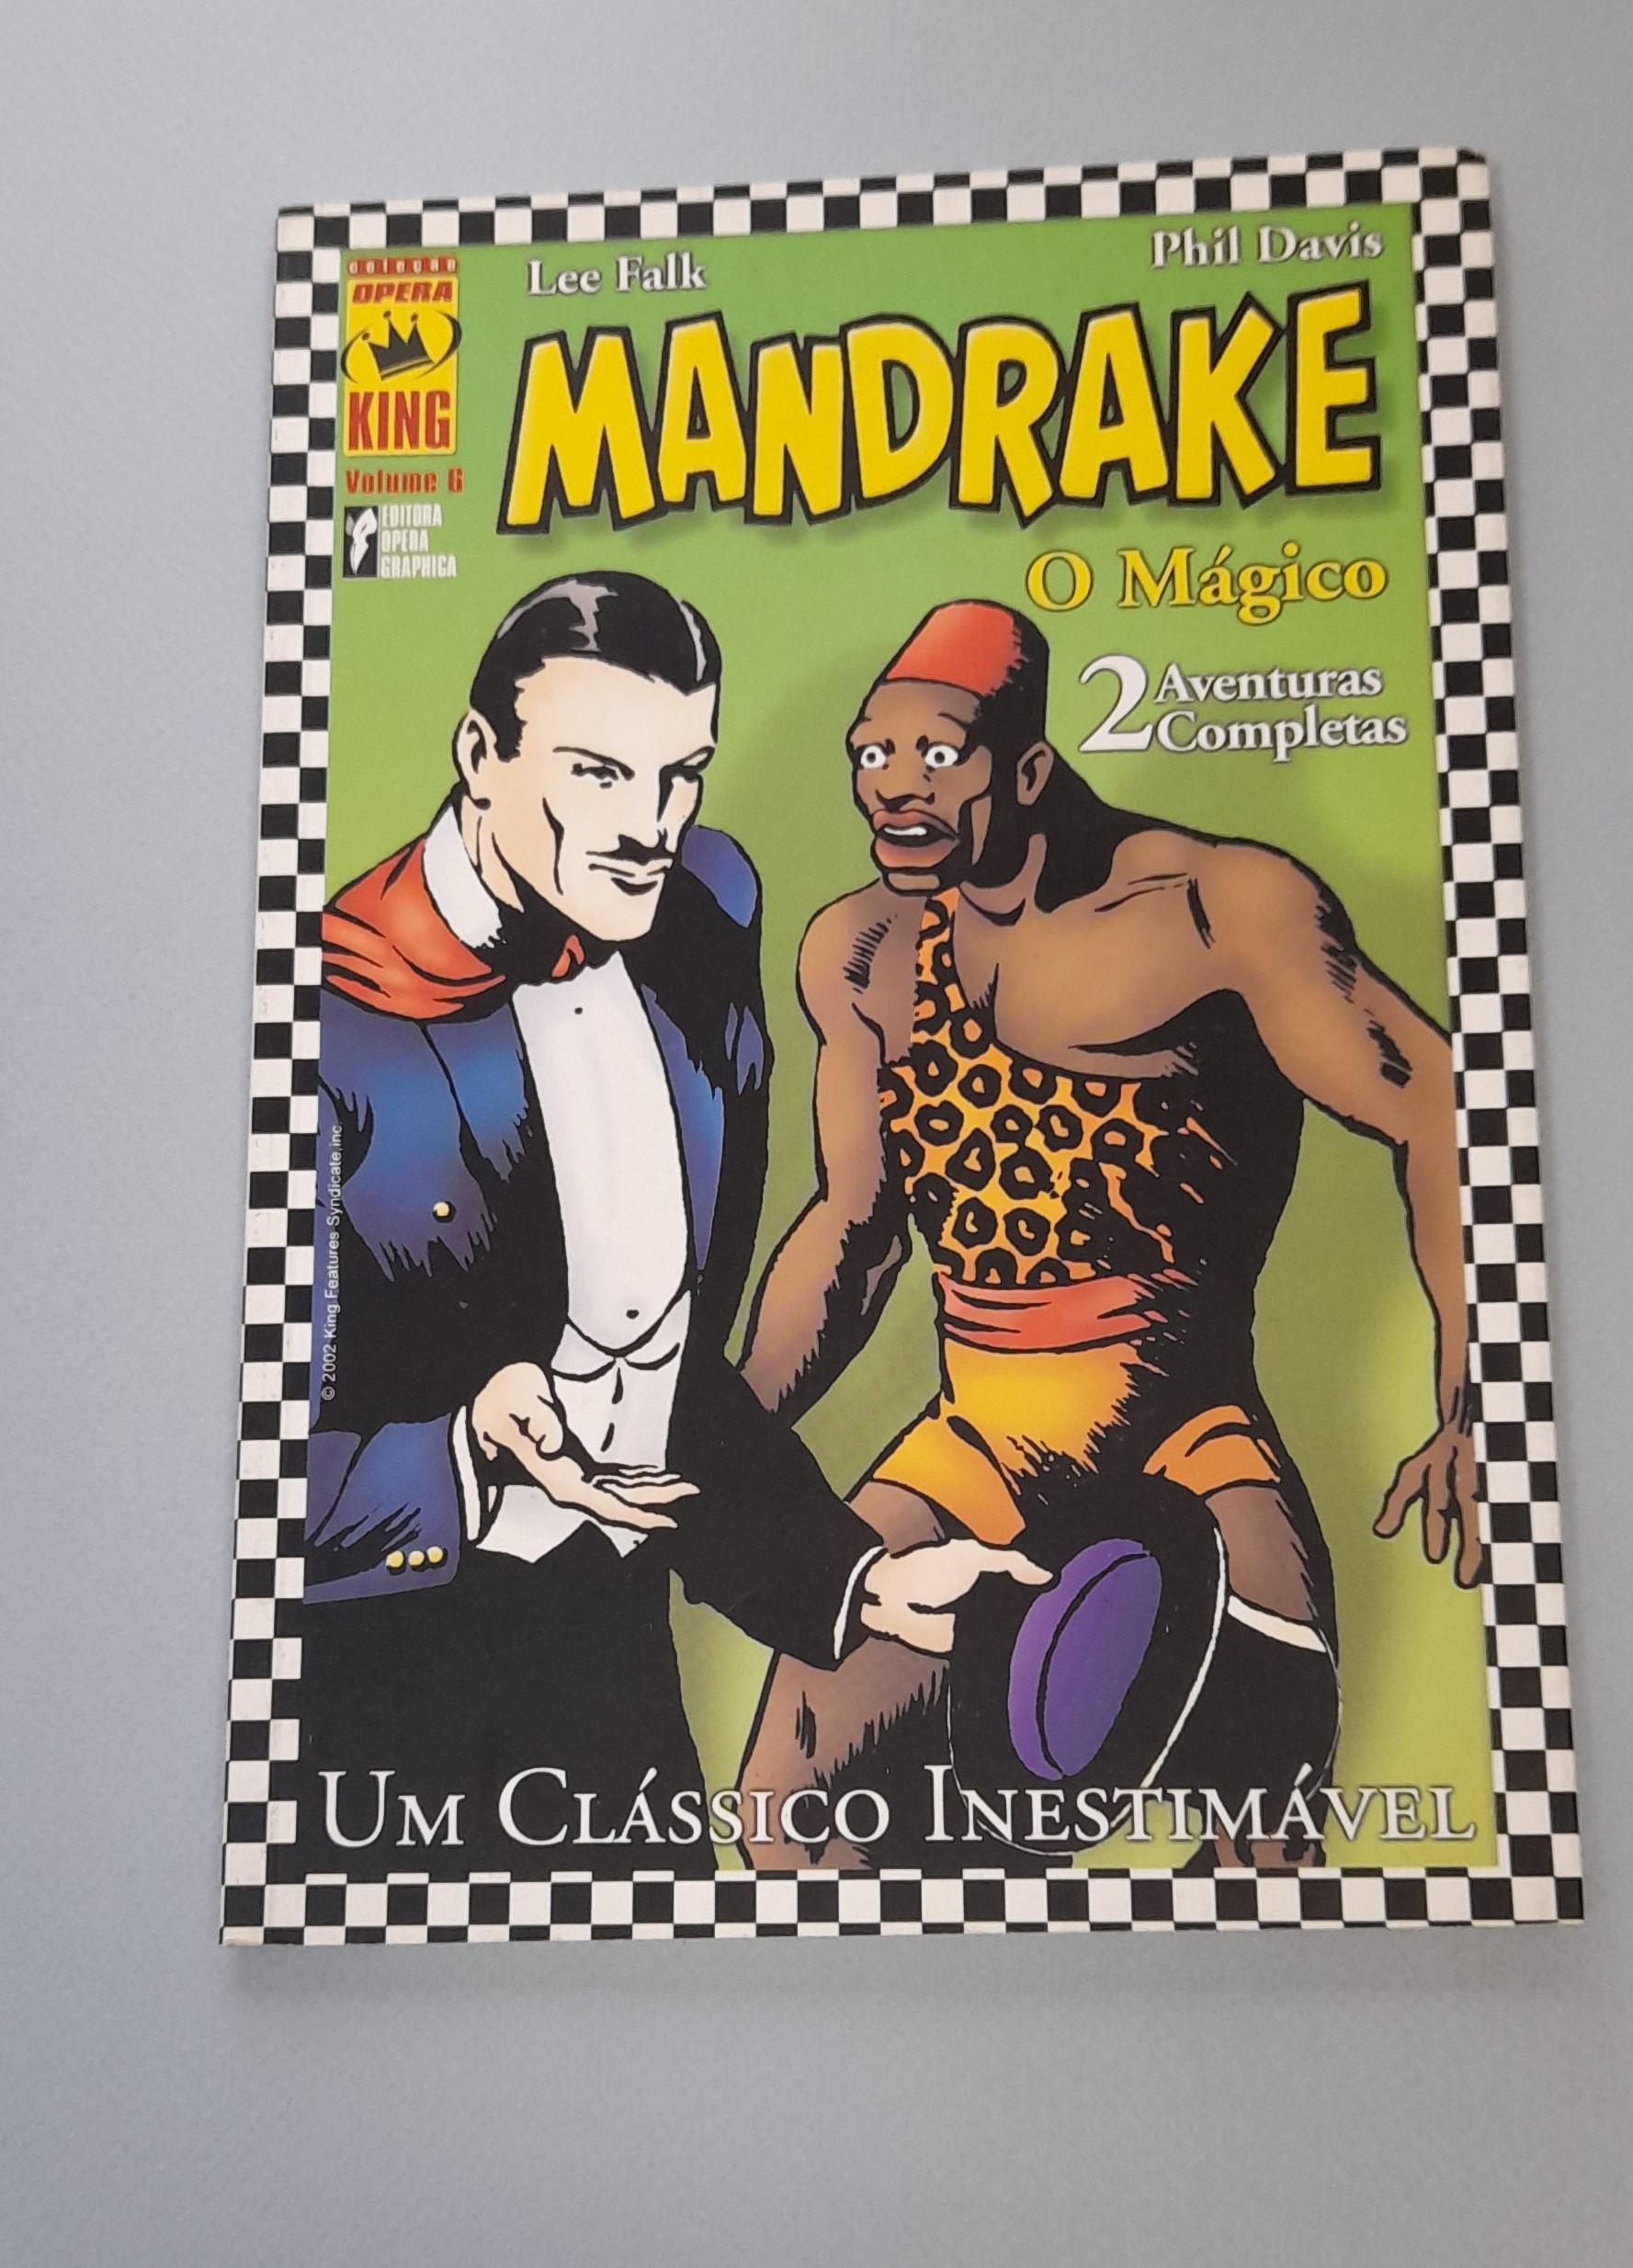 COLECÇÃO ÓPERA KING: MANDRAKE